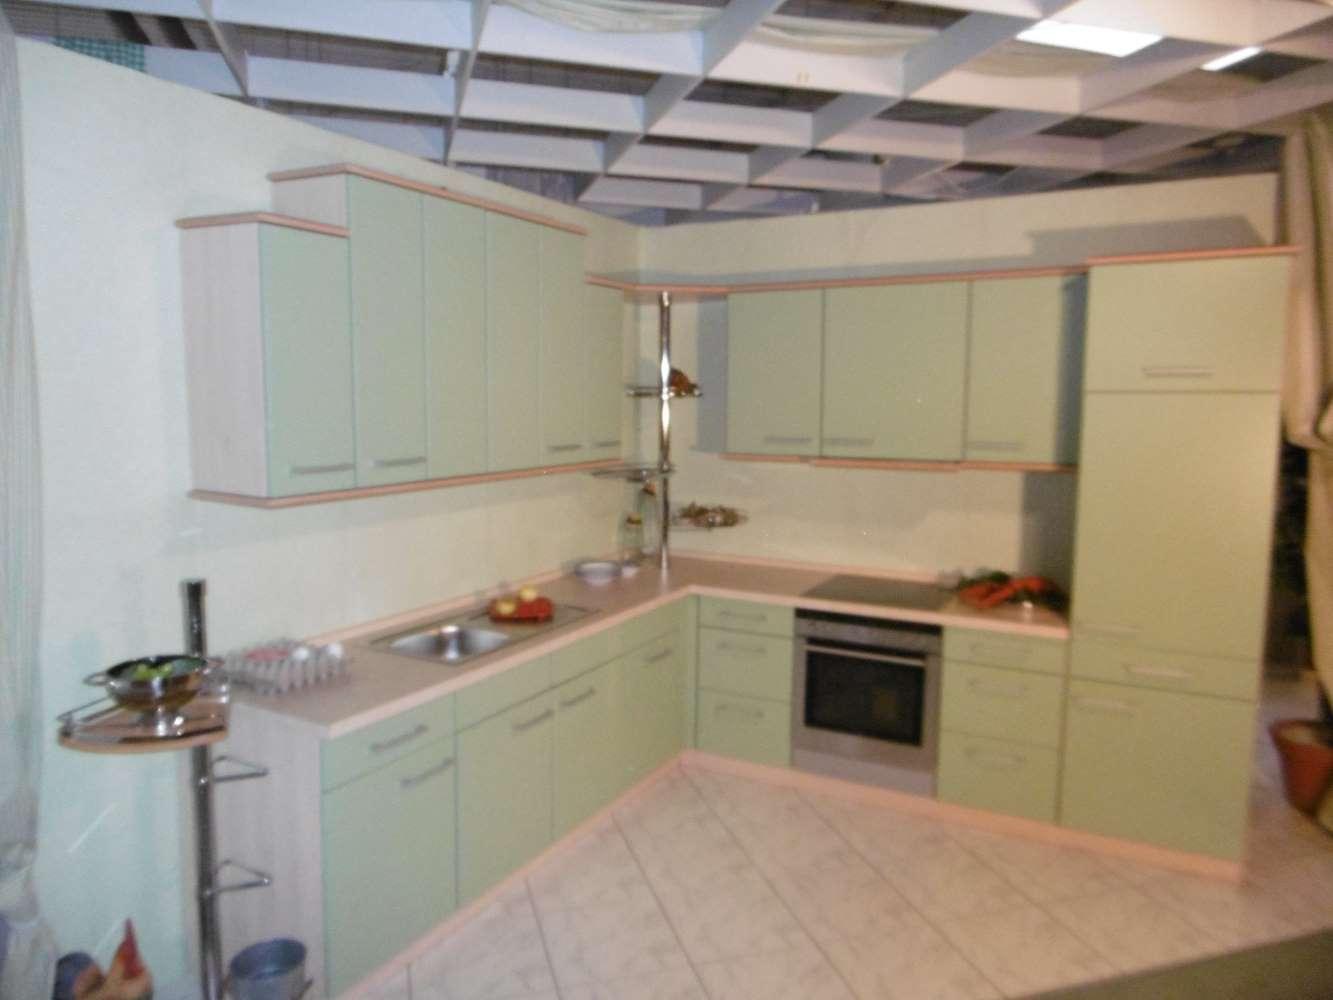 Mustereinbauküche gelbgrün